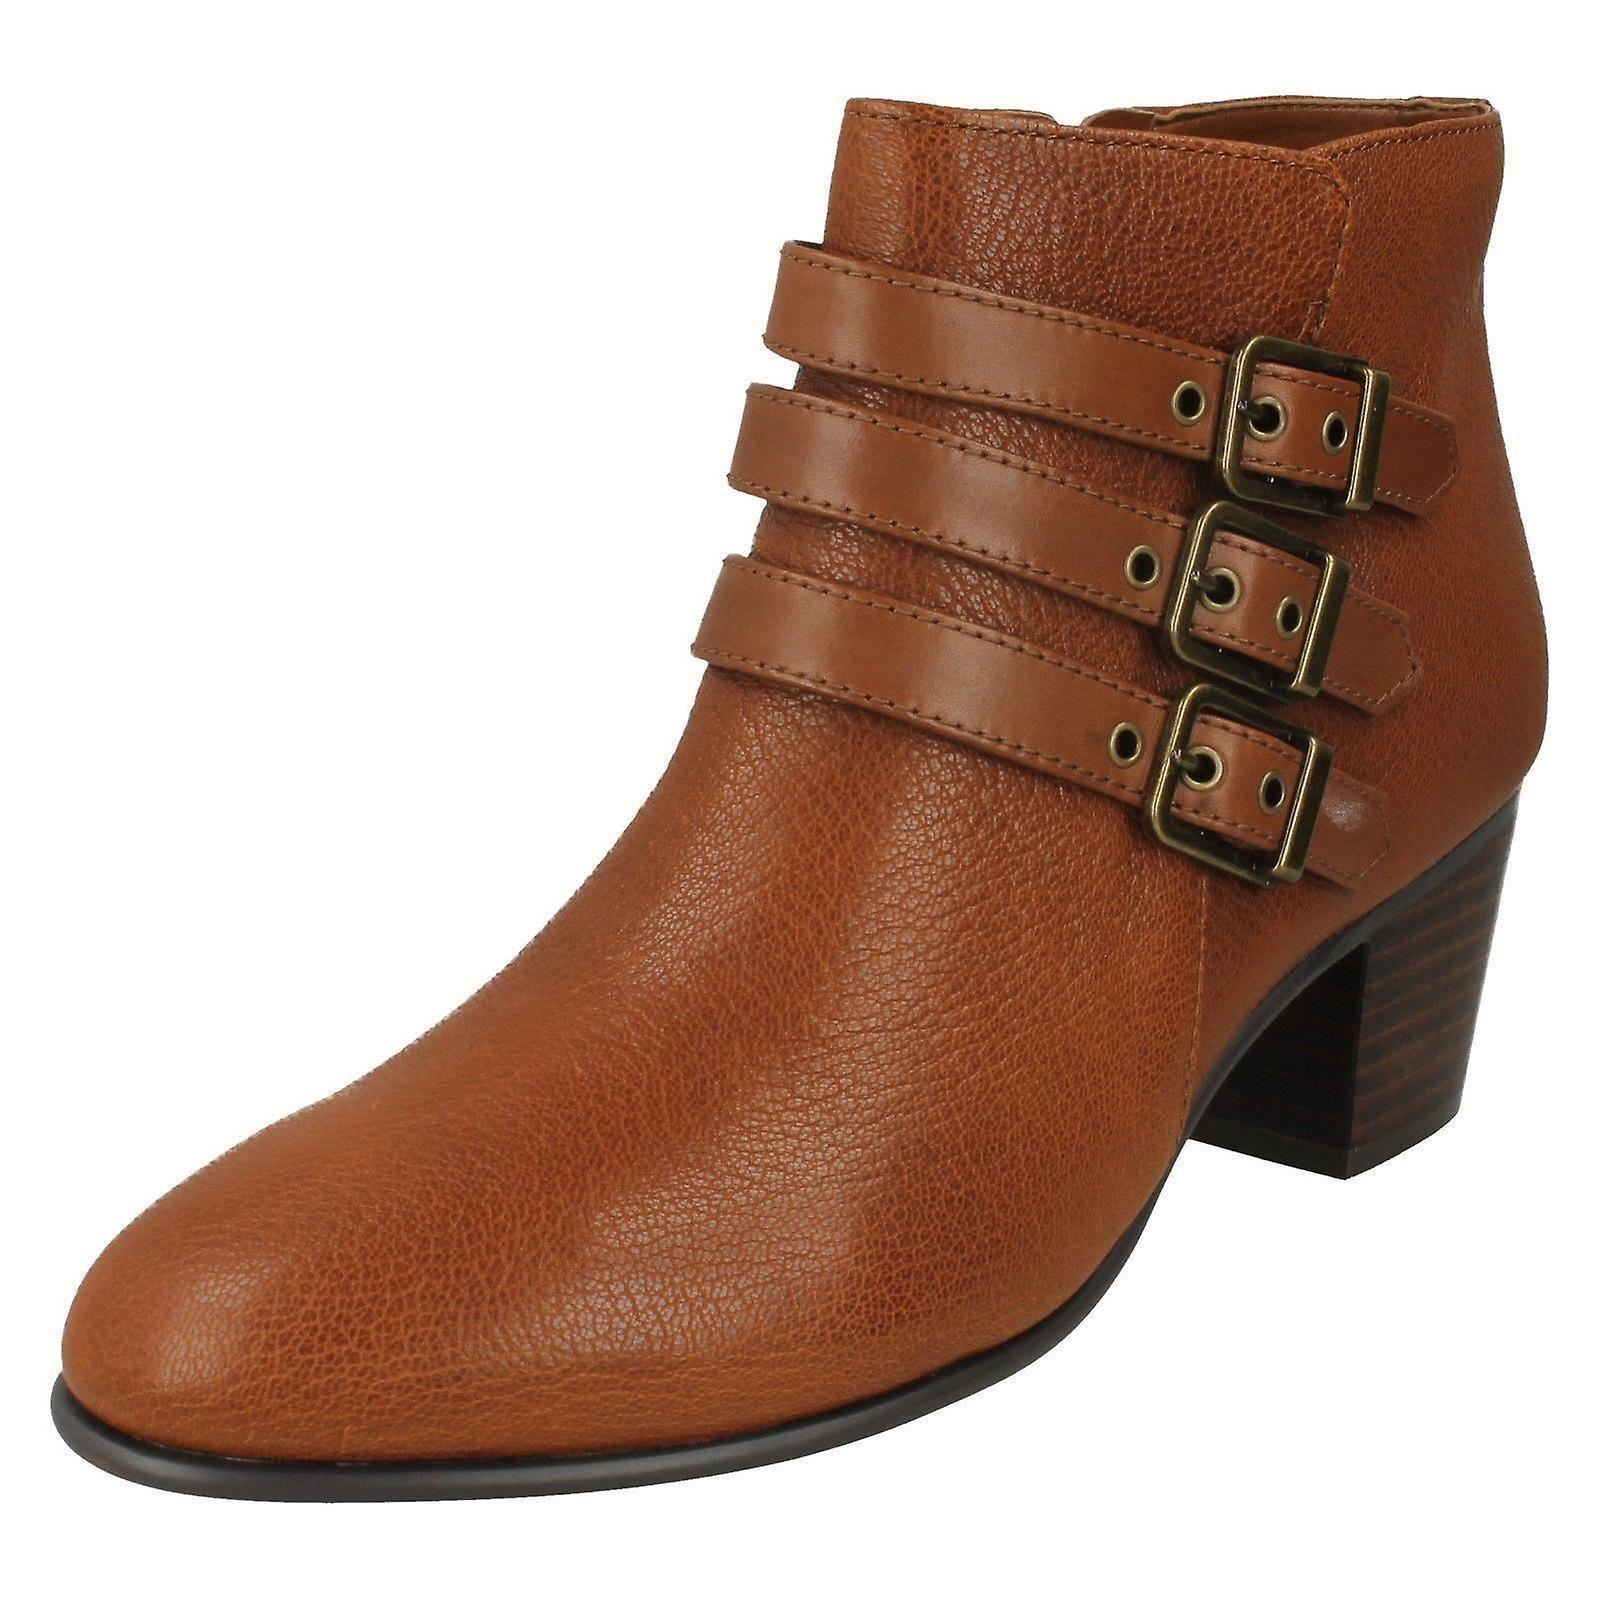 Clarks damskie obcasie kostkę buty Maypearl Rayna ukJ80